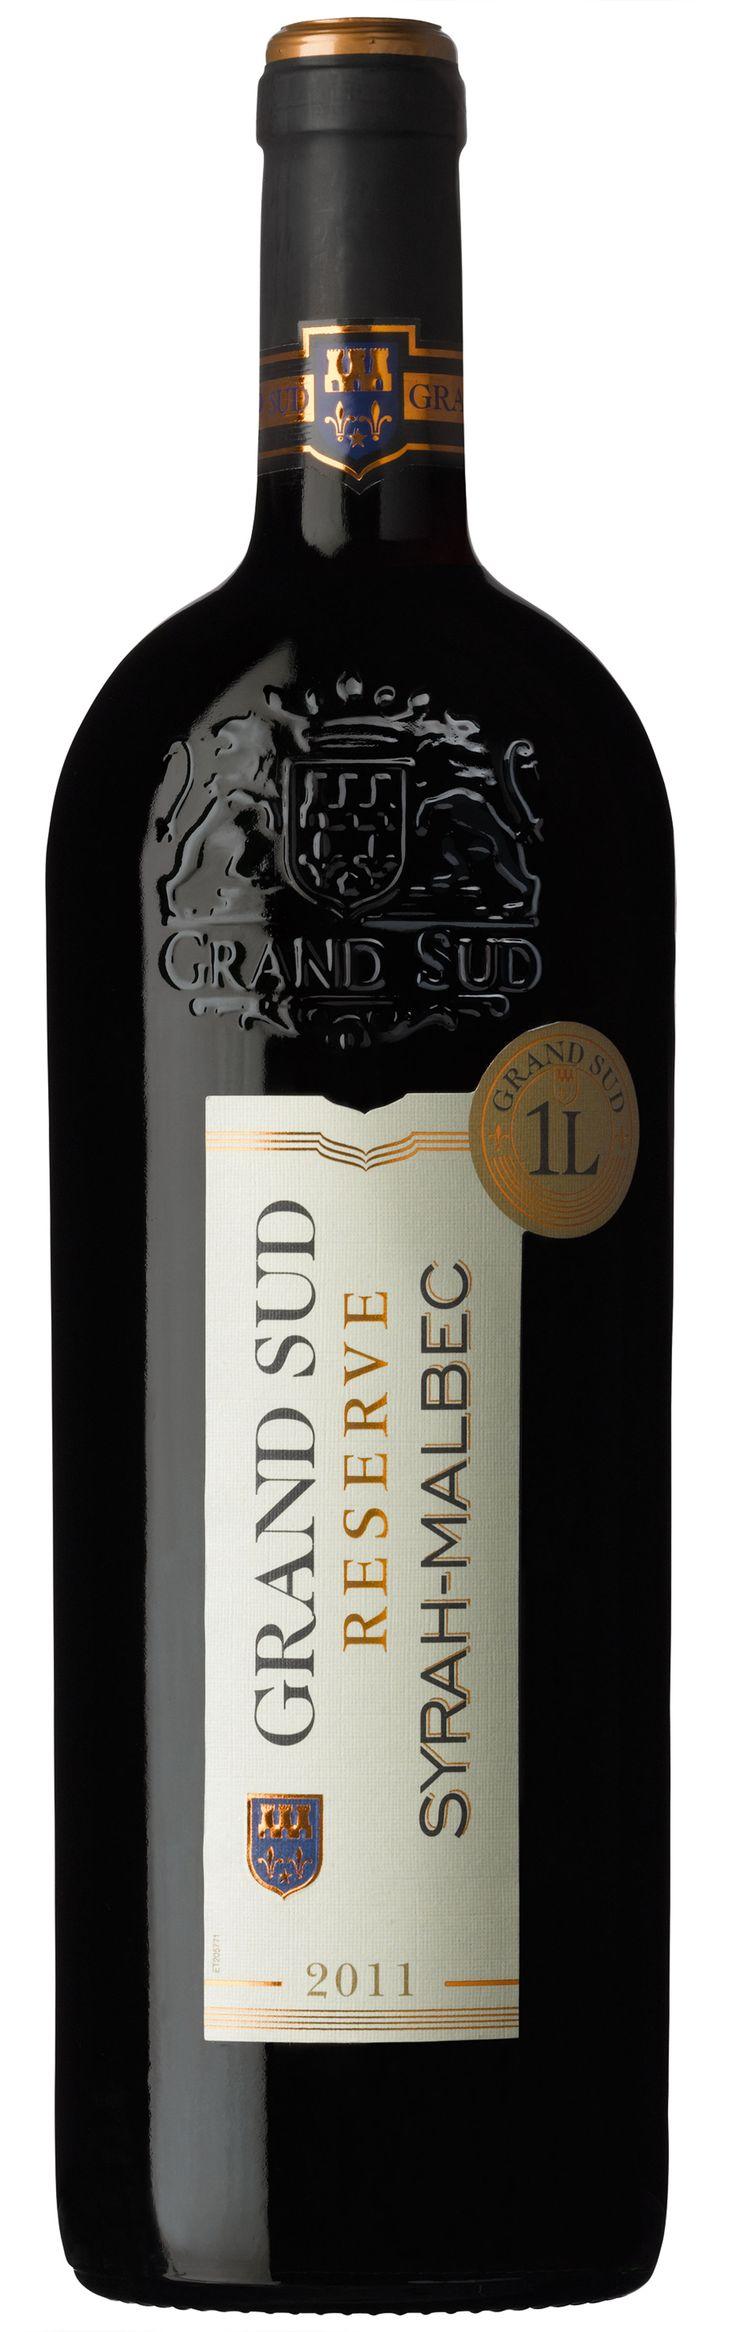 Ce #vin peut être apprécié seul en apéritif ou en accompagnement de plats riches en arômes. #Syrah #Malbec #GrandSud #2013